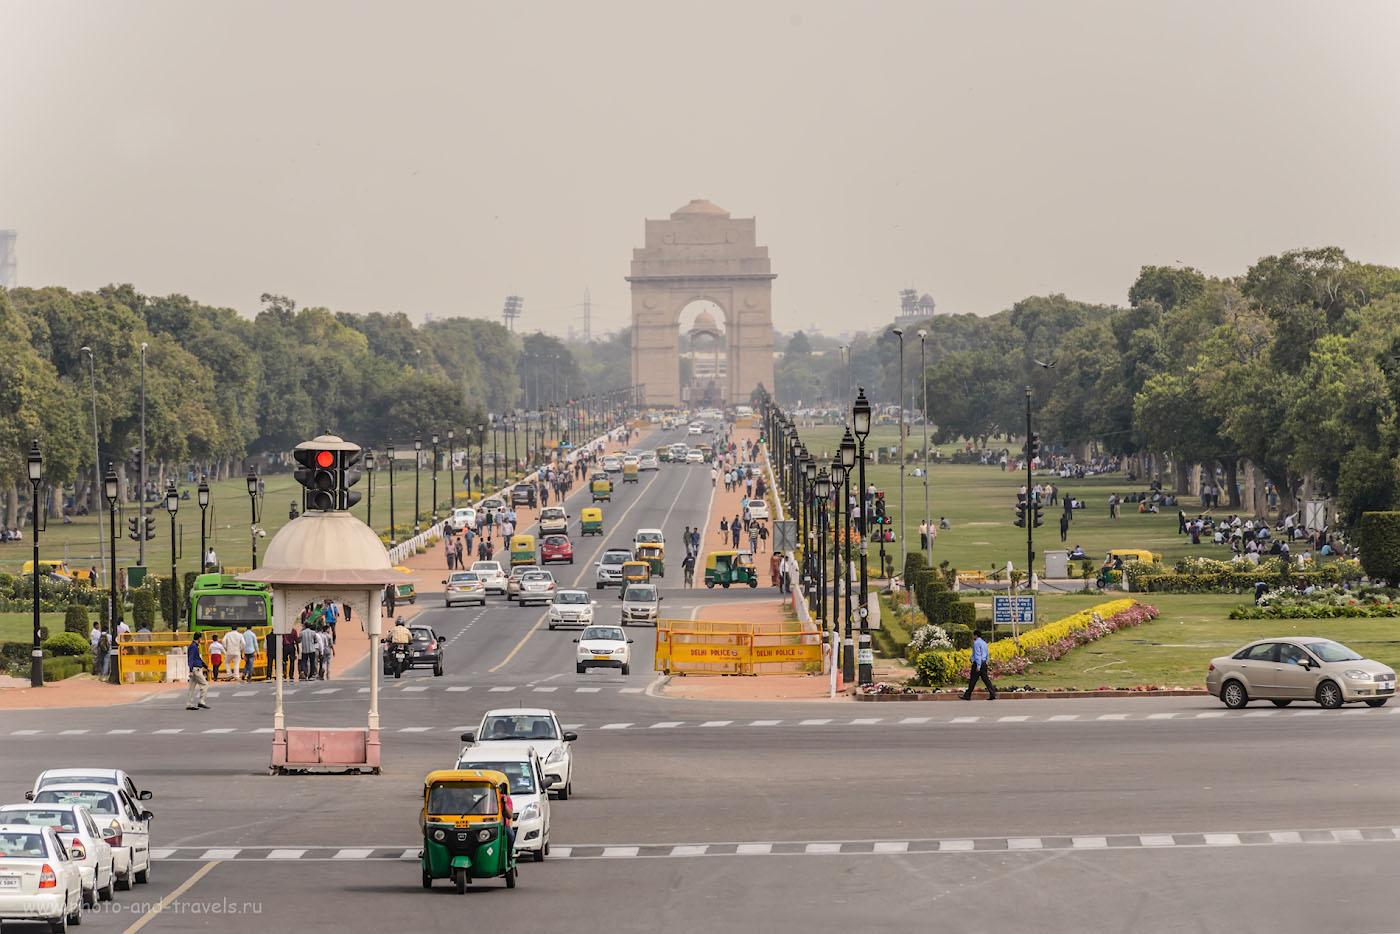 Снимок 32. Арка «Ворота Индии» на проспекте Раджпатх в Дели. Отзывы туристов о самостоятельных экскурсиях за один день.